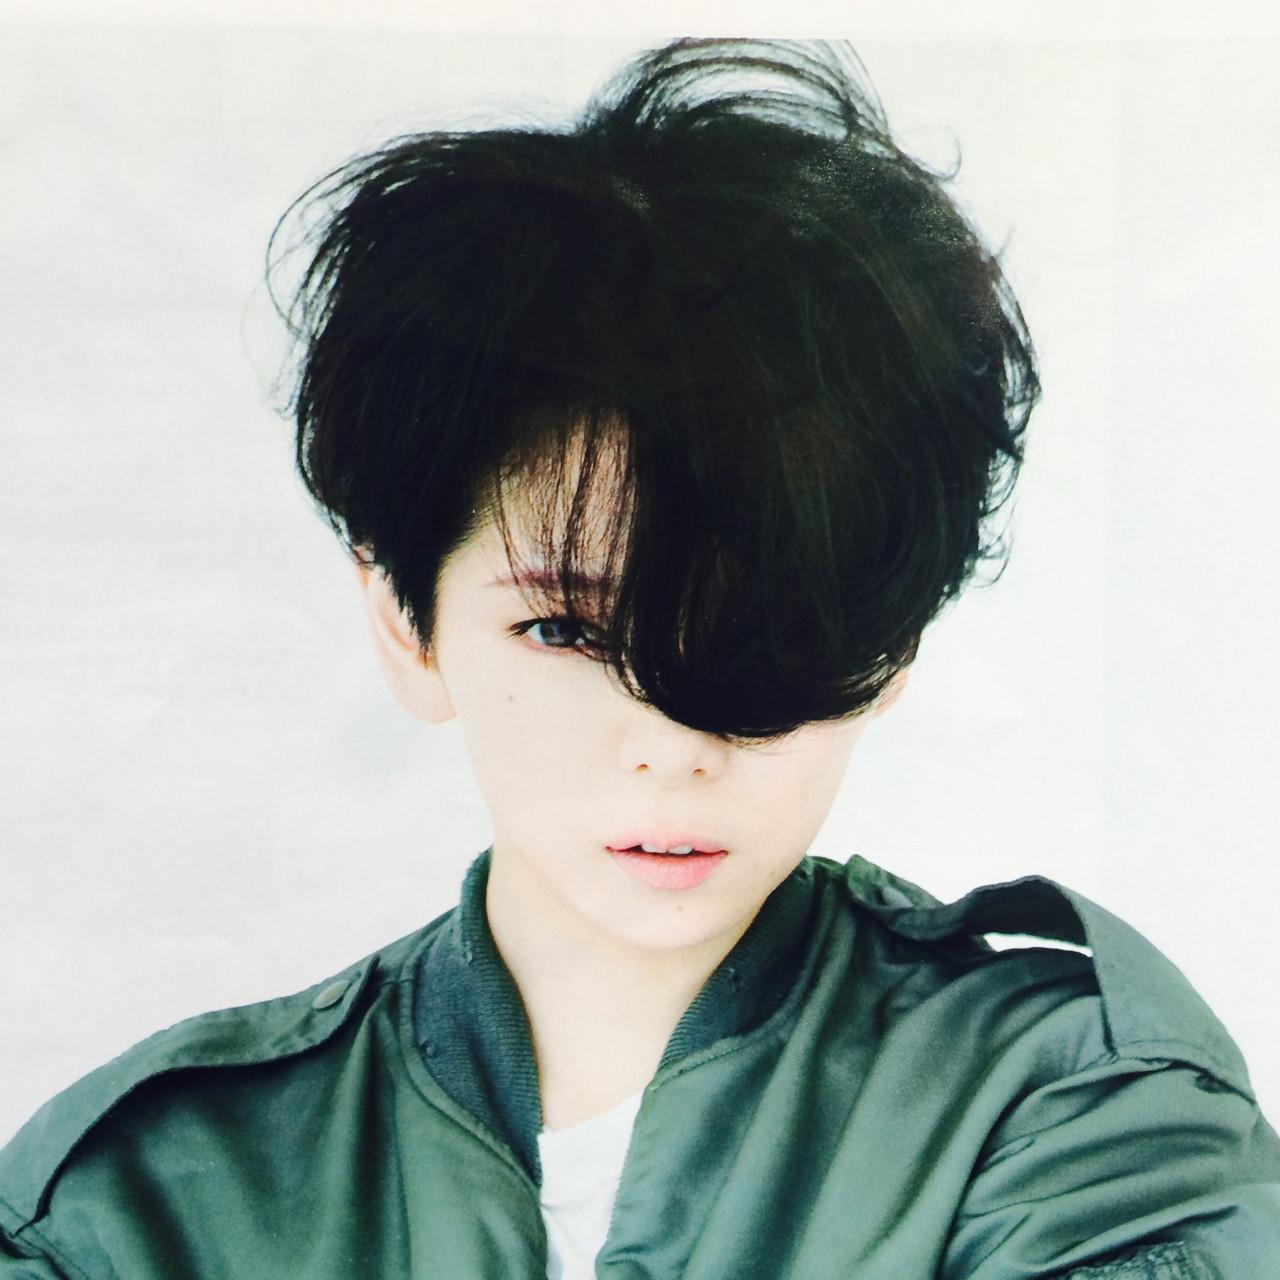 黒髪 暗髪 前髪あり パーマ ヘアスタイルや髪型の写真・画像 | RISA /